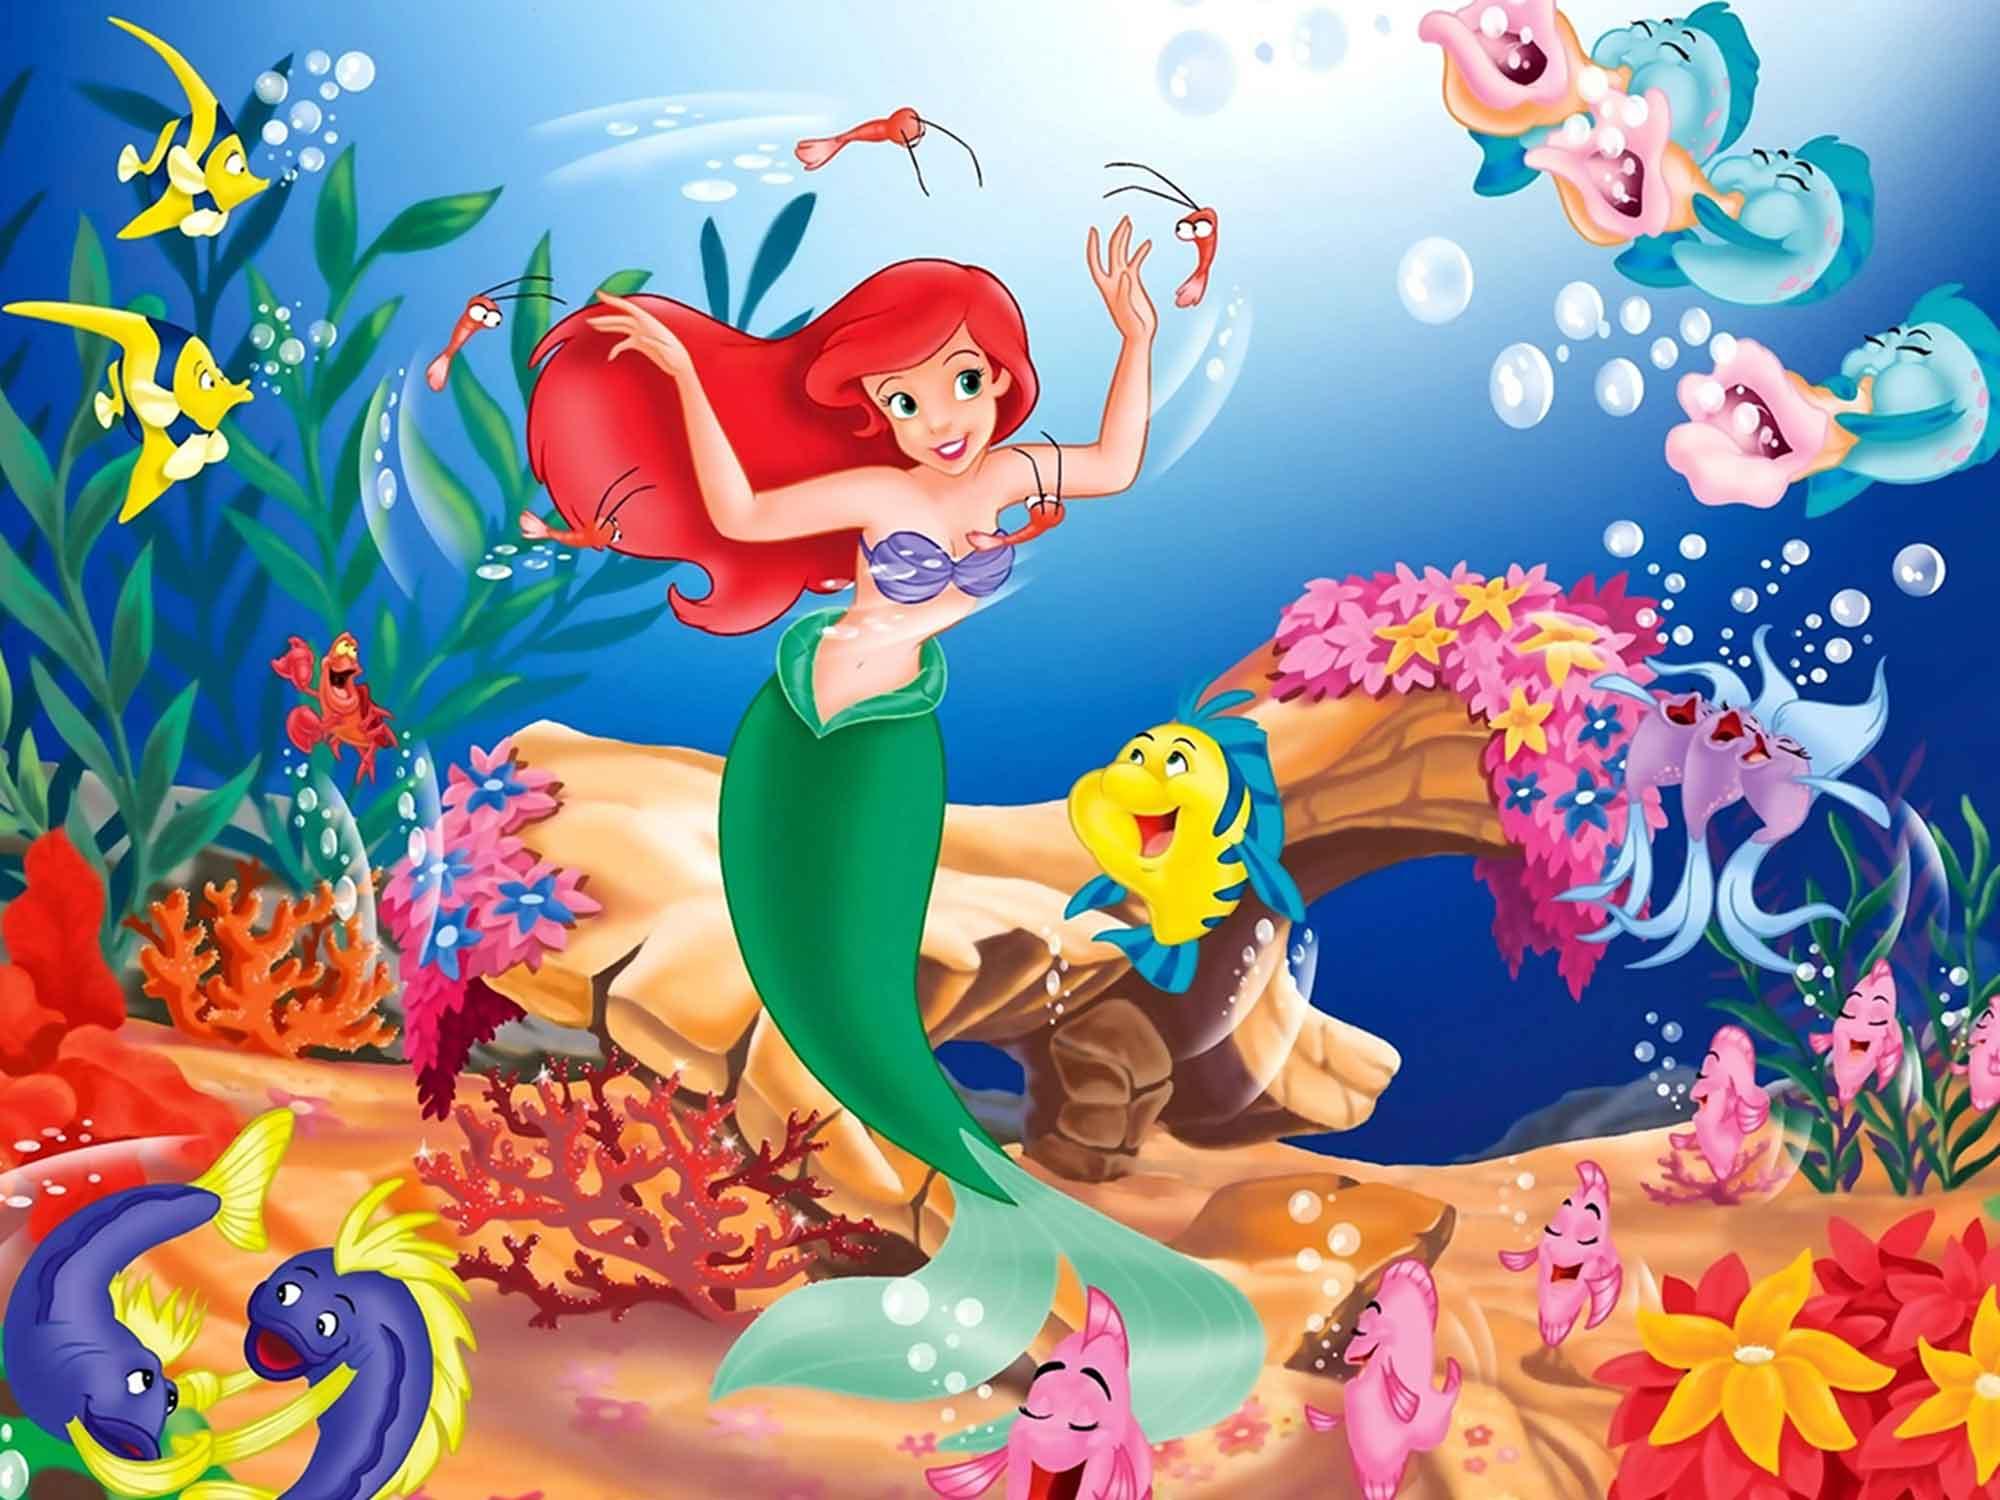 Papel de Parede Infantil Ariel 0005 - papel de parede para quarto  - Paredes Decoradas